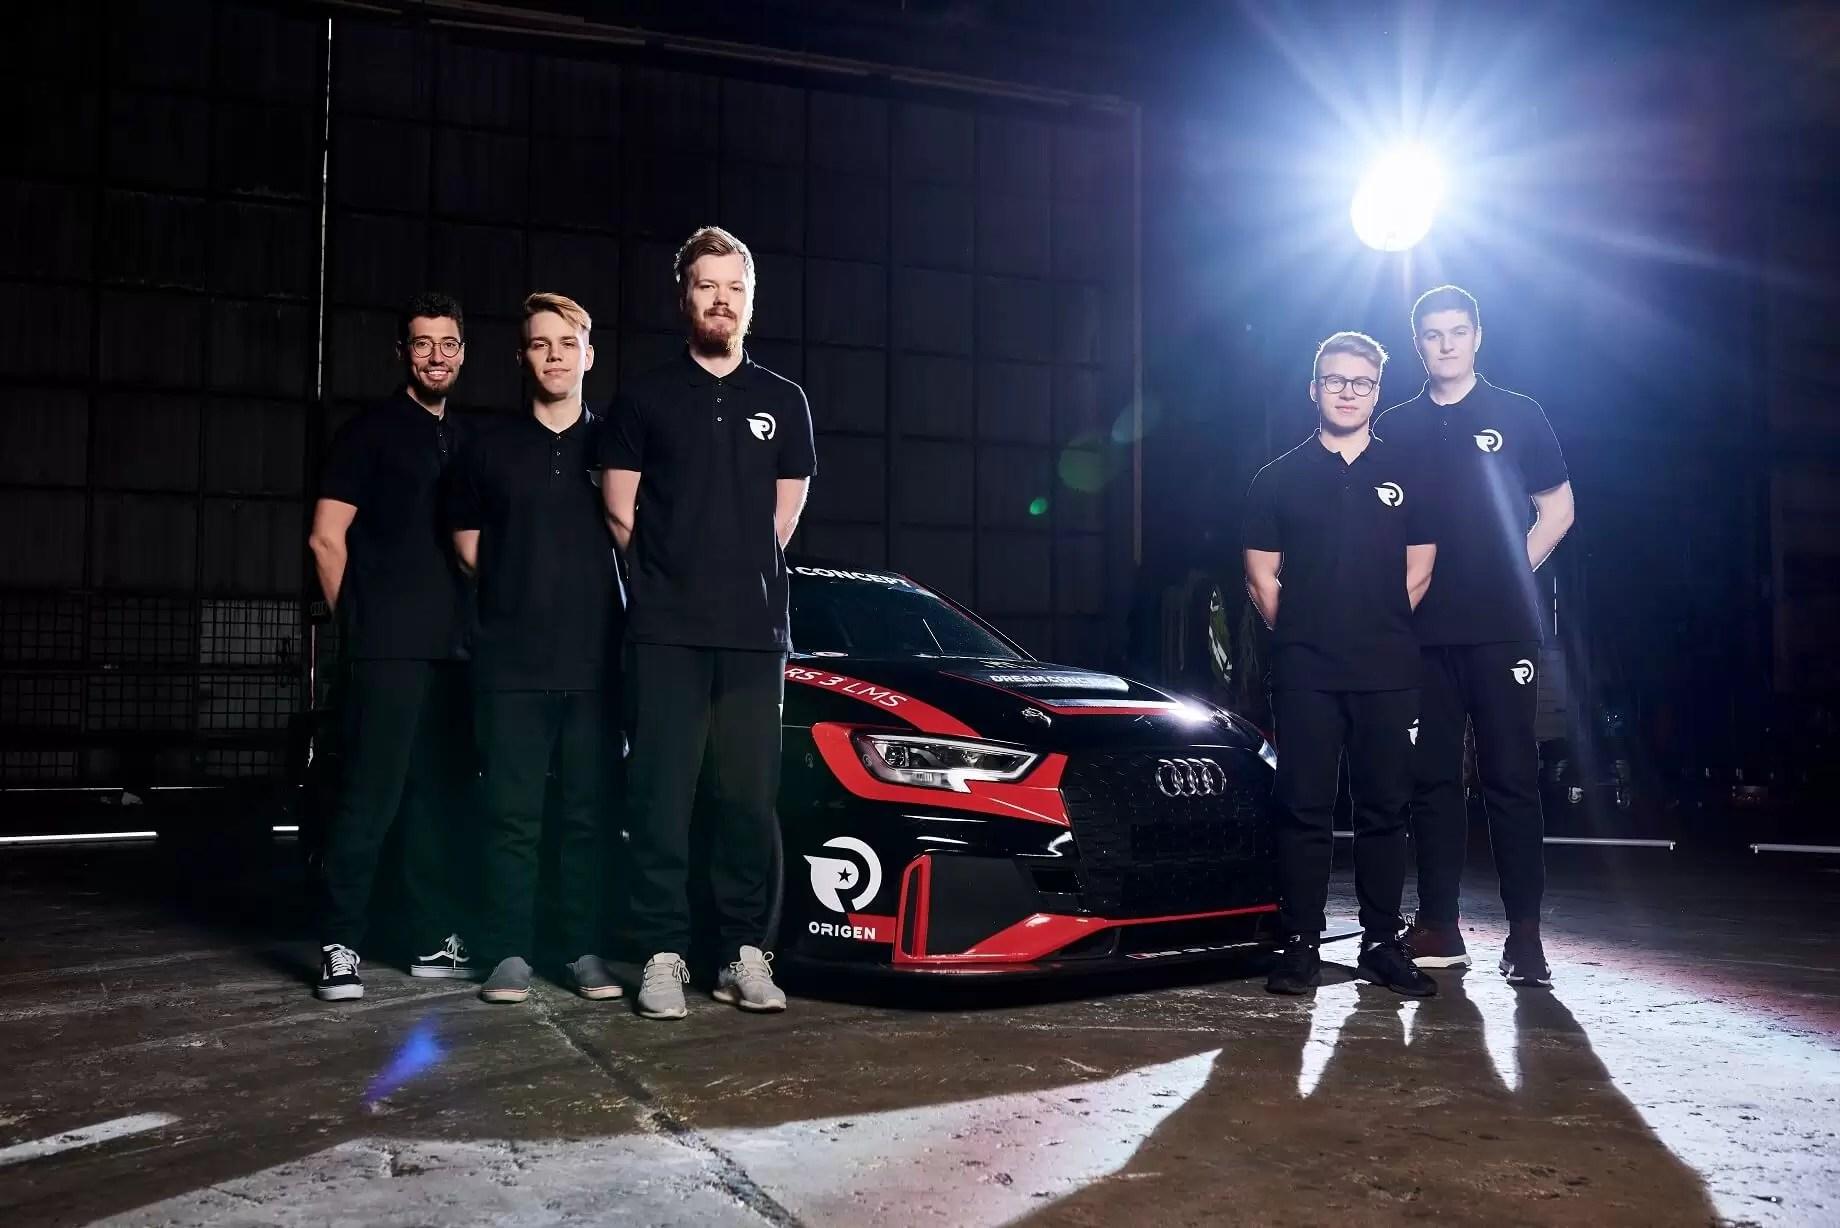 Audi sklopio partnerstvo sa Origenom pred početak nove LEC sezone